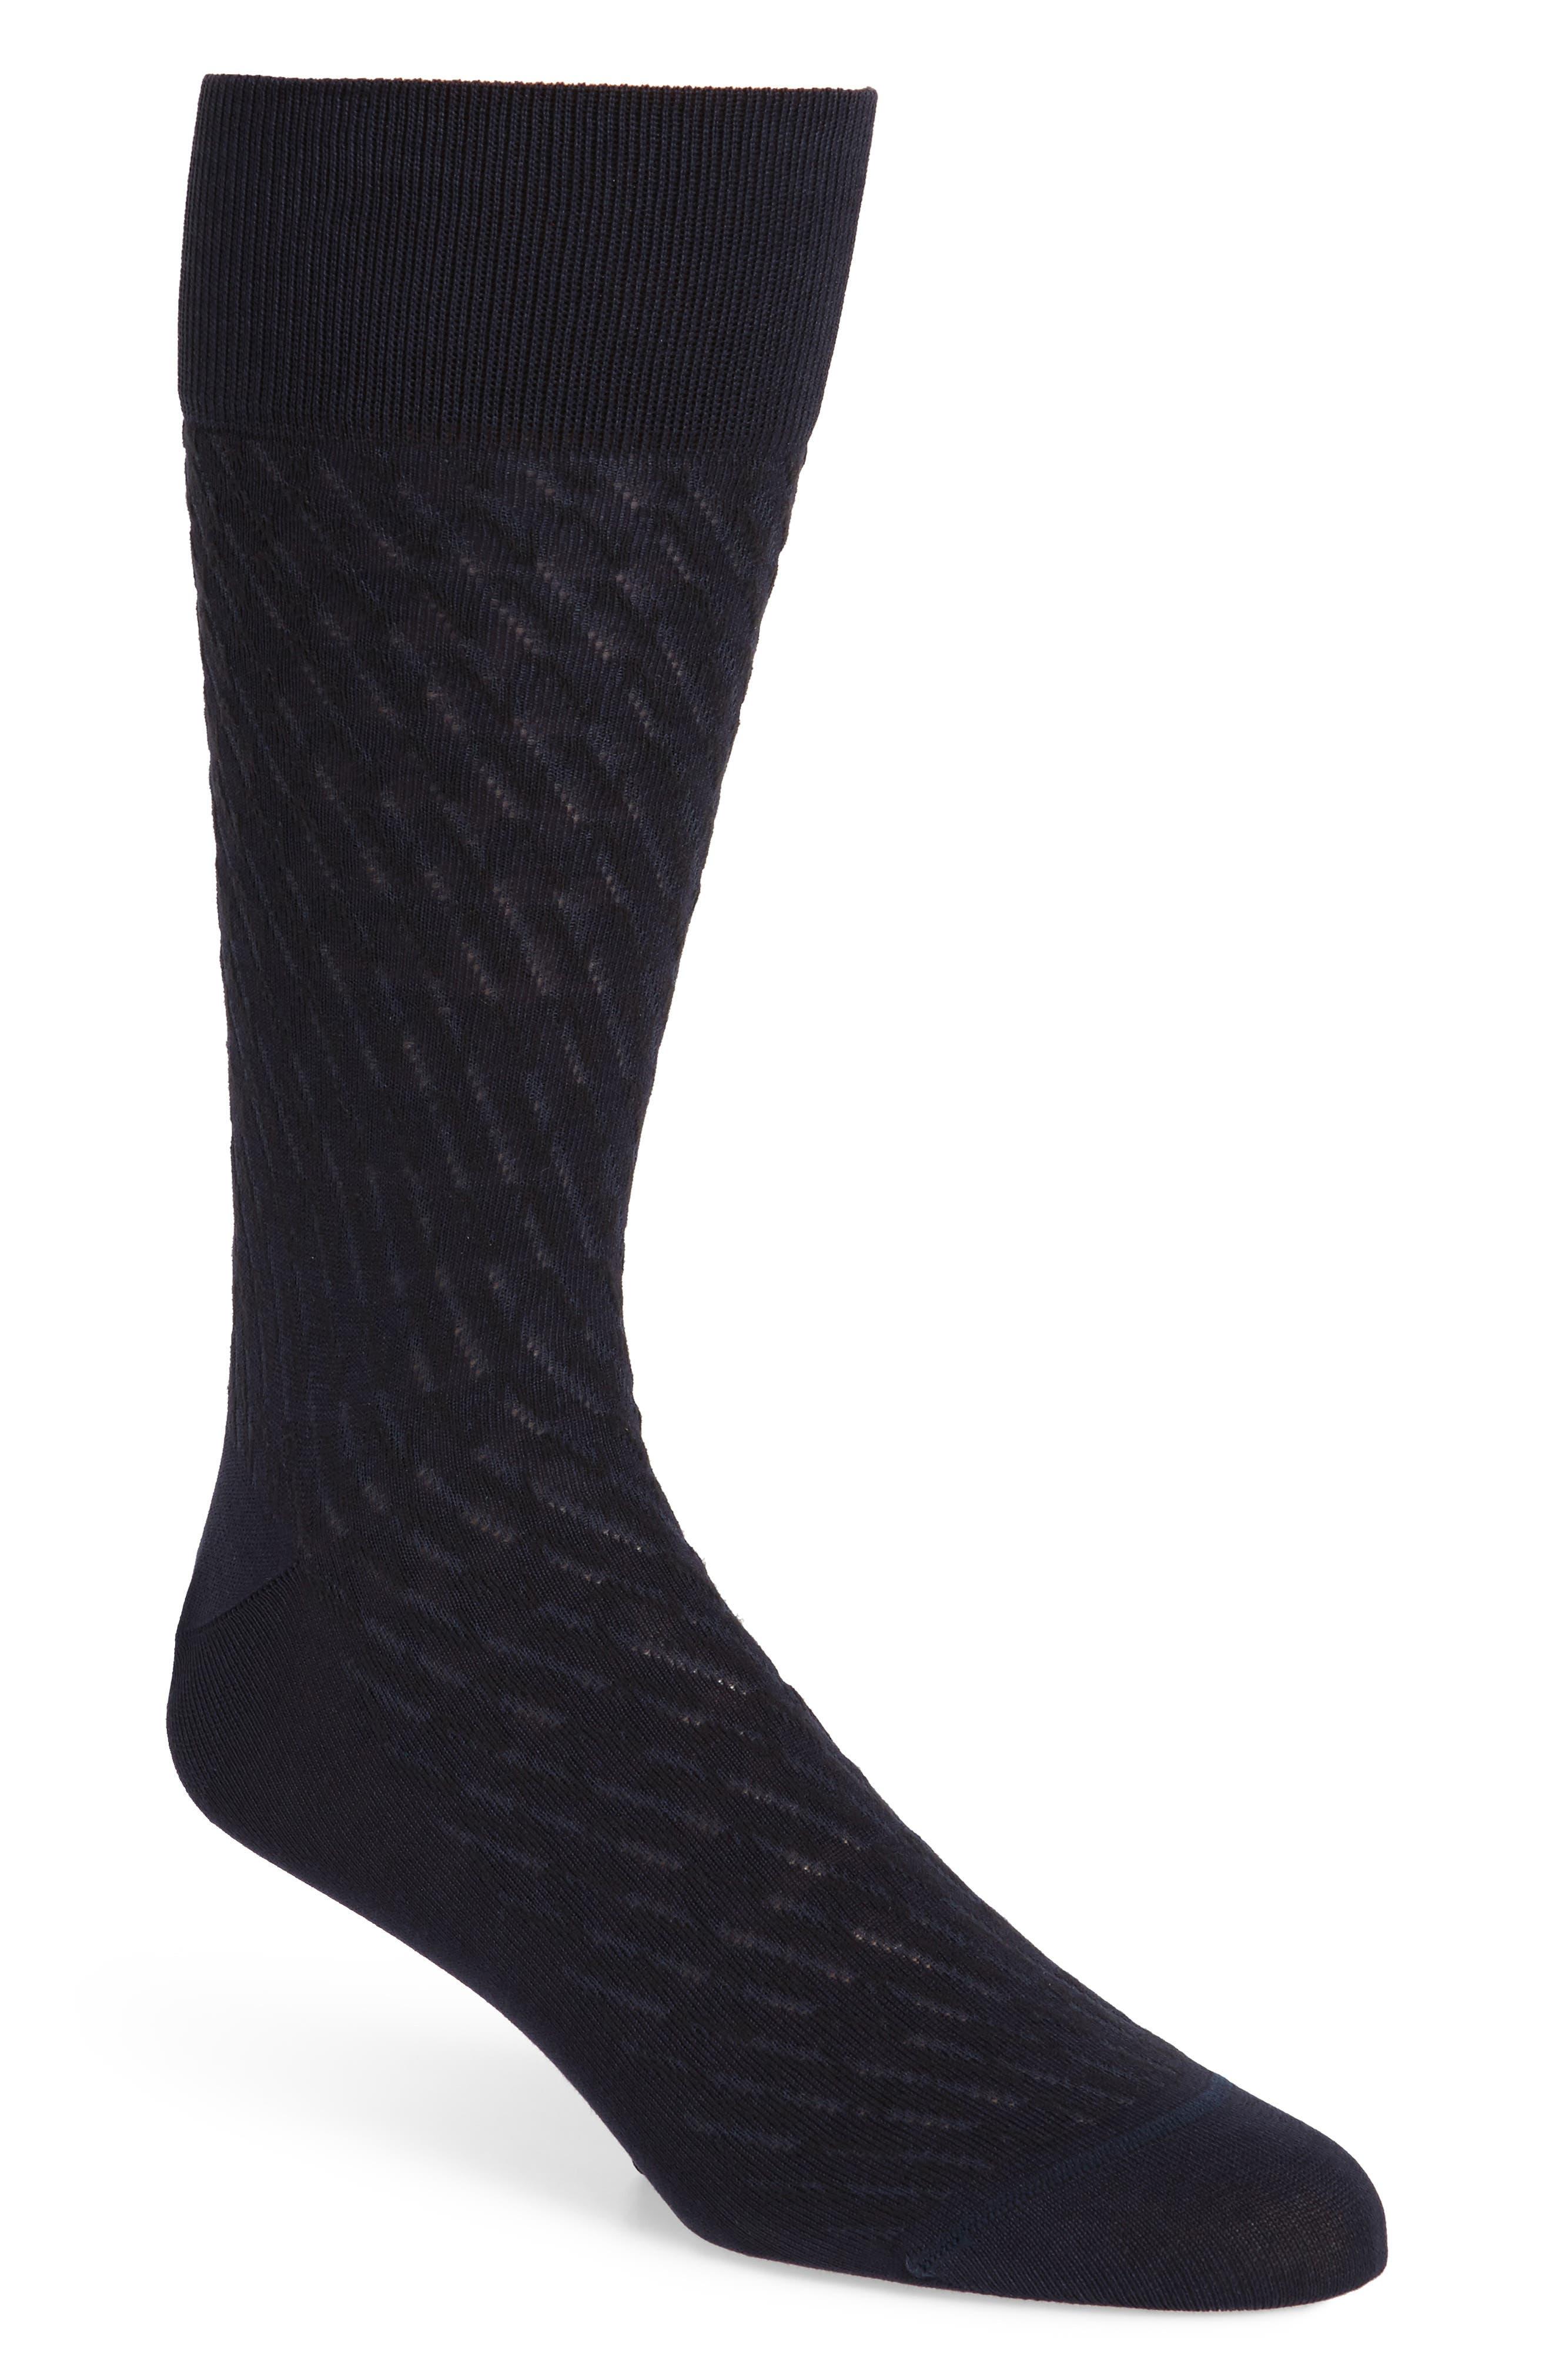 Main Image - John W. Nordstrom® Diagonal Plaited Socks